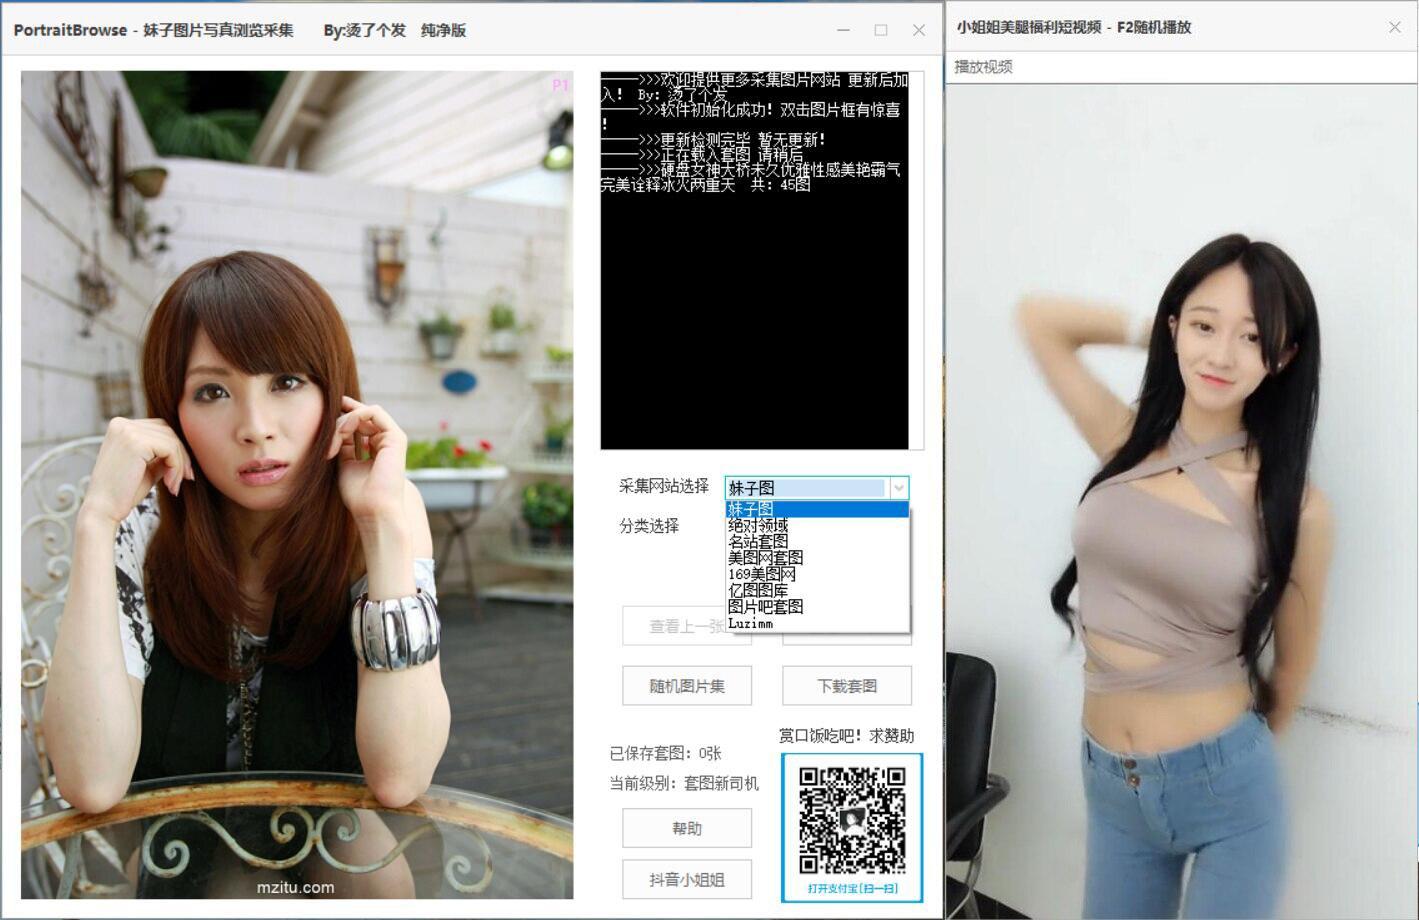 PC妹子写真图浏览+看视频 善恶资源网